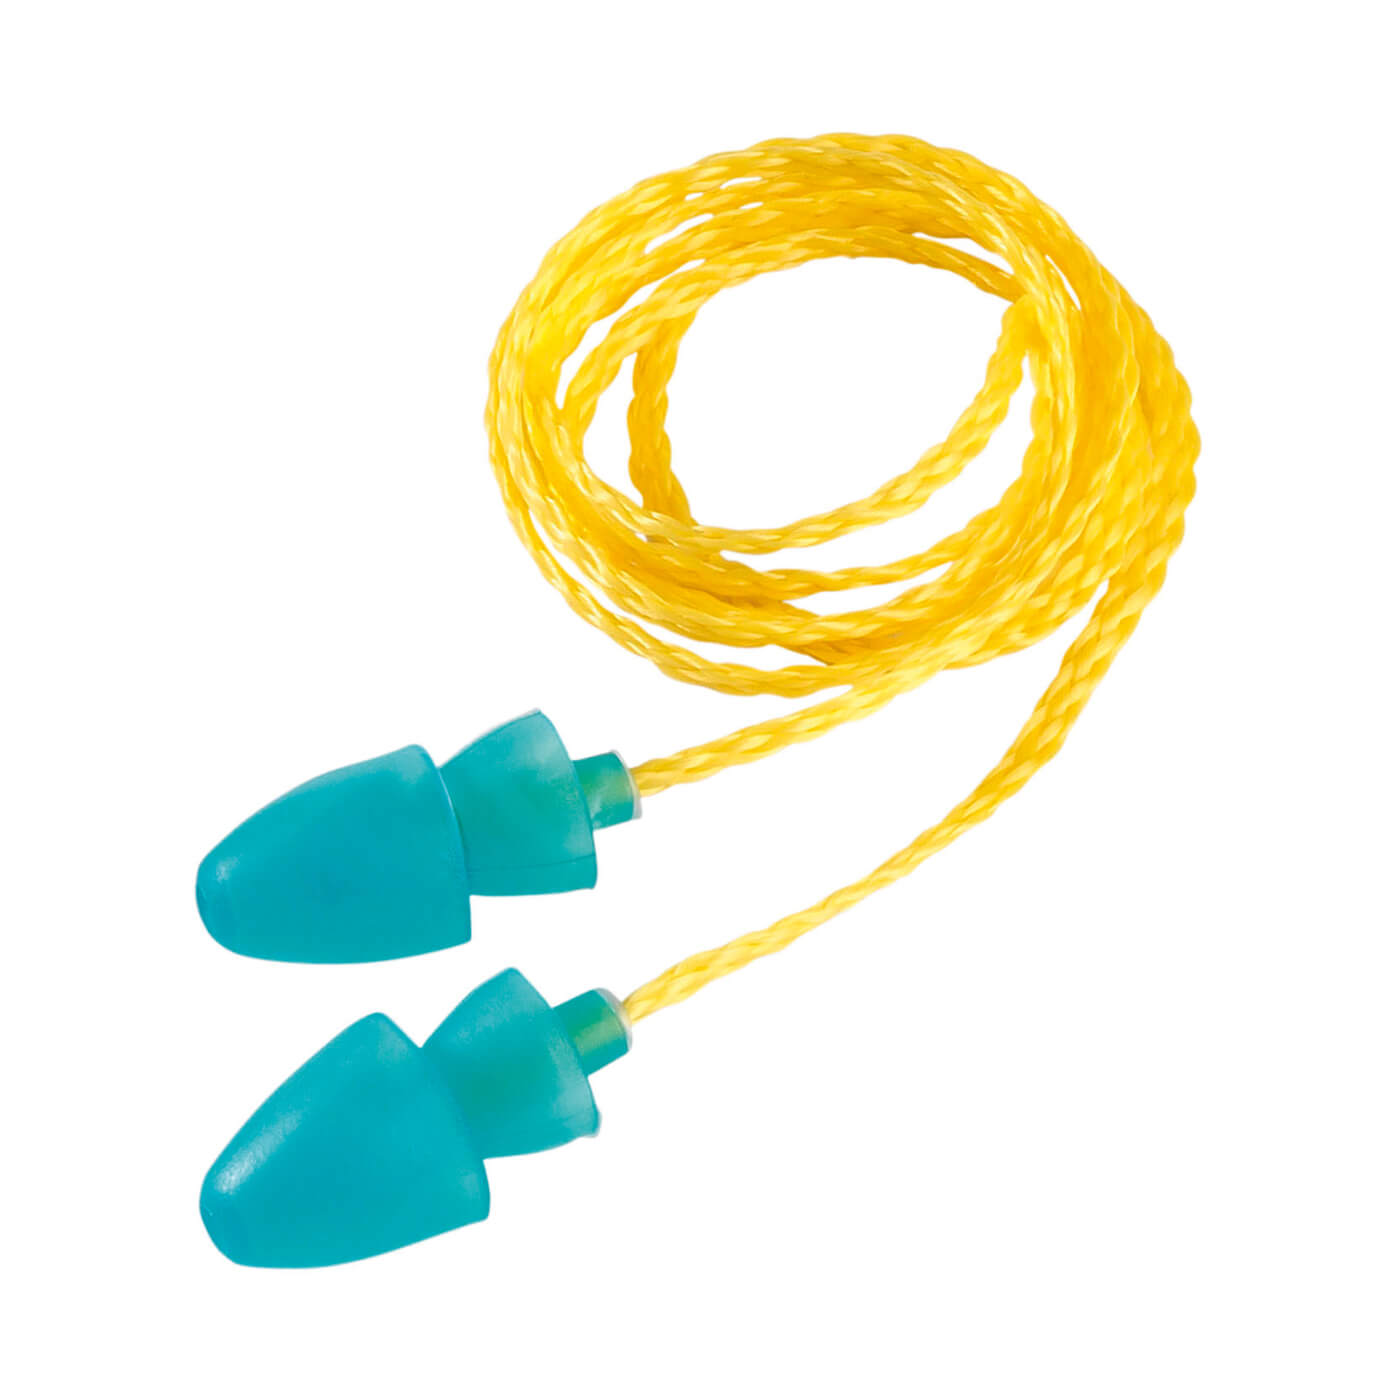 Ochronne zatyczki do uszu Neutron Howard Leight